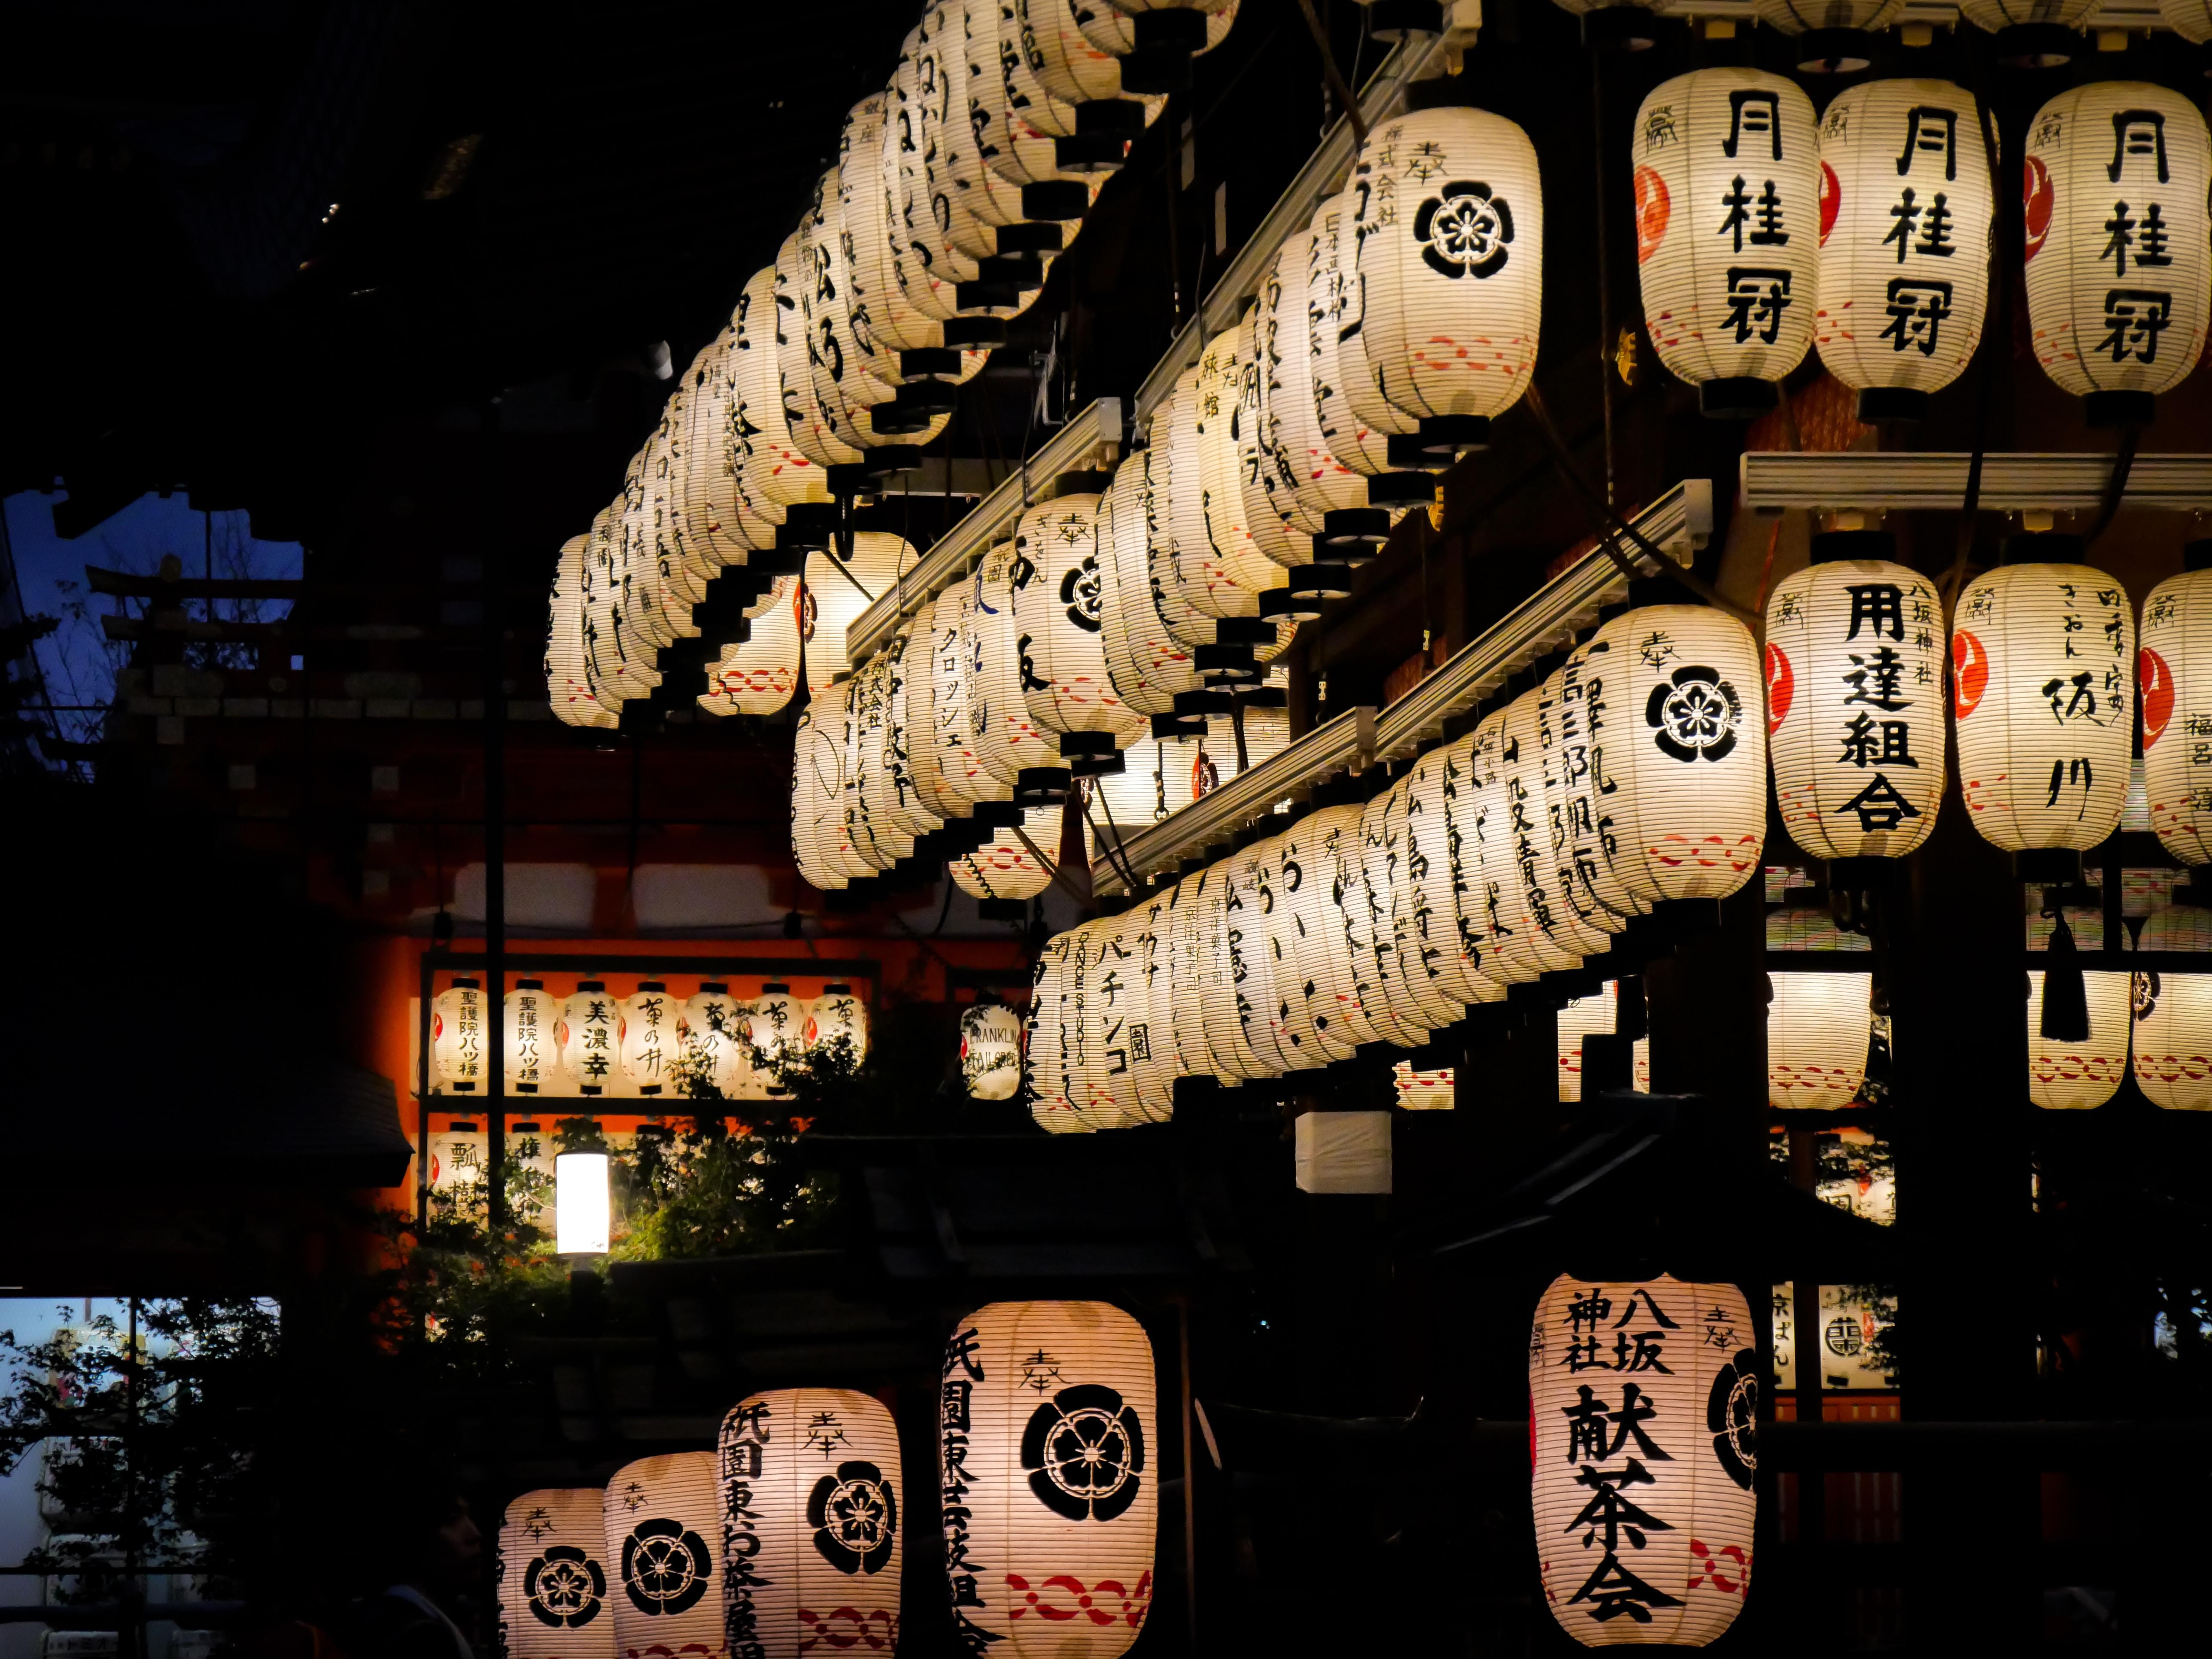 paper lanterns during night